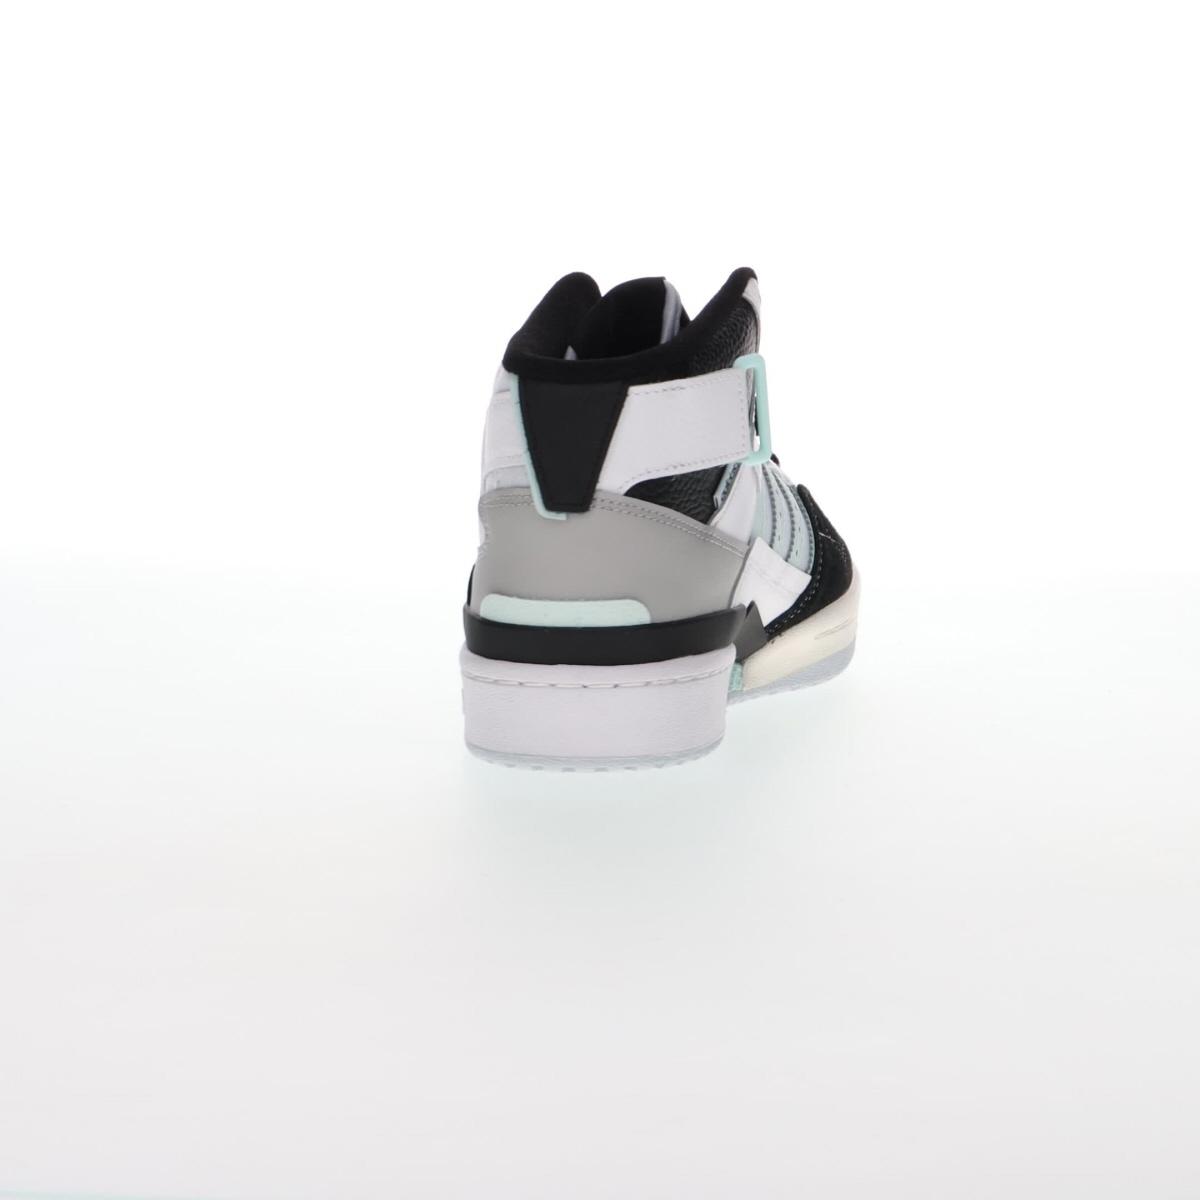 adidas aq1190 women wear shoes barefoot